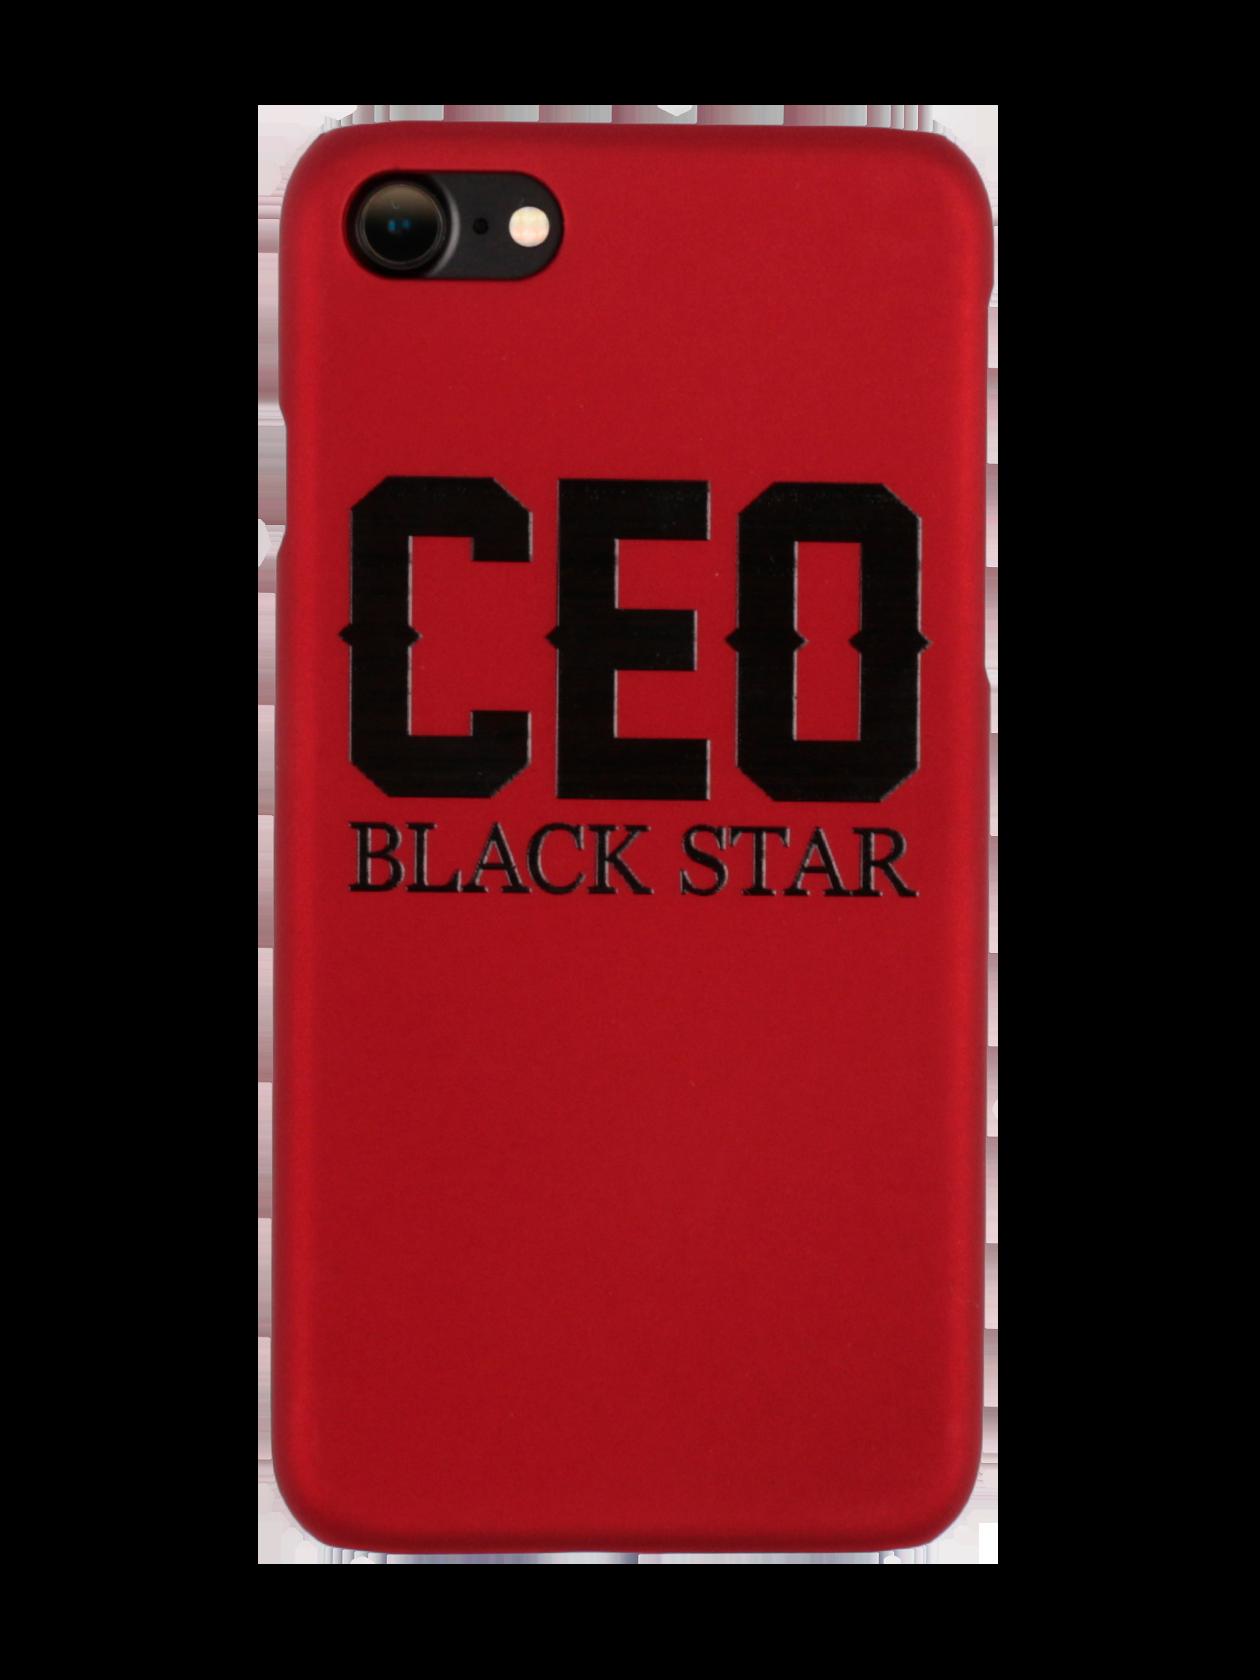 Чехол для телефона ROYALTY CEOЧехол для телефона Ceo Royalty – прочный аксессуар, изготовленный из пластика. Легкая модель не изменяет размеры мобильного устройства, надежно удерживая его с внутренней стороны. Отверстия полностью соответствуют разъемам и функциям управления, поэтому при использовании не нужно снимать каждый раз чехол. Изделие выполнено в черном цвете, декорировано стильной контрастной надписью «Ceo Black Star». Идеальное решение для предотвращения преждевременного износа девайса.<br><br>Размер: 6+<br>Цвет: Красный<br>Пол: Унисекс